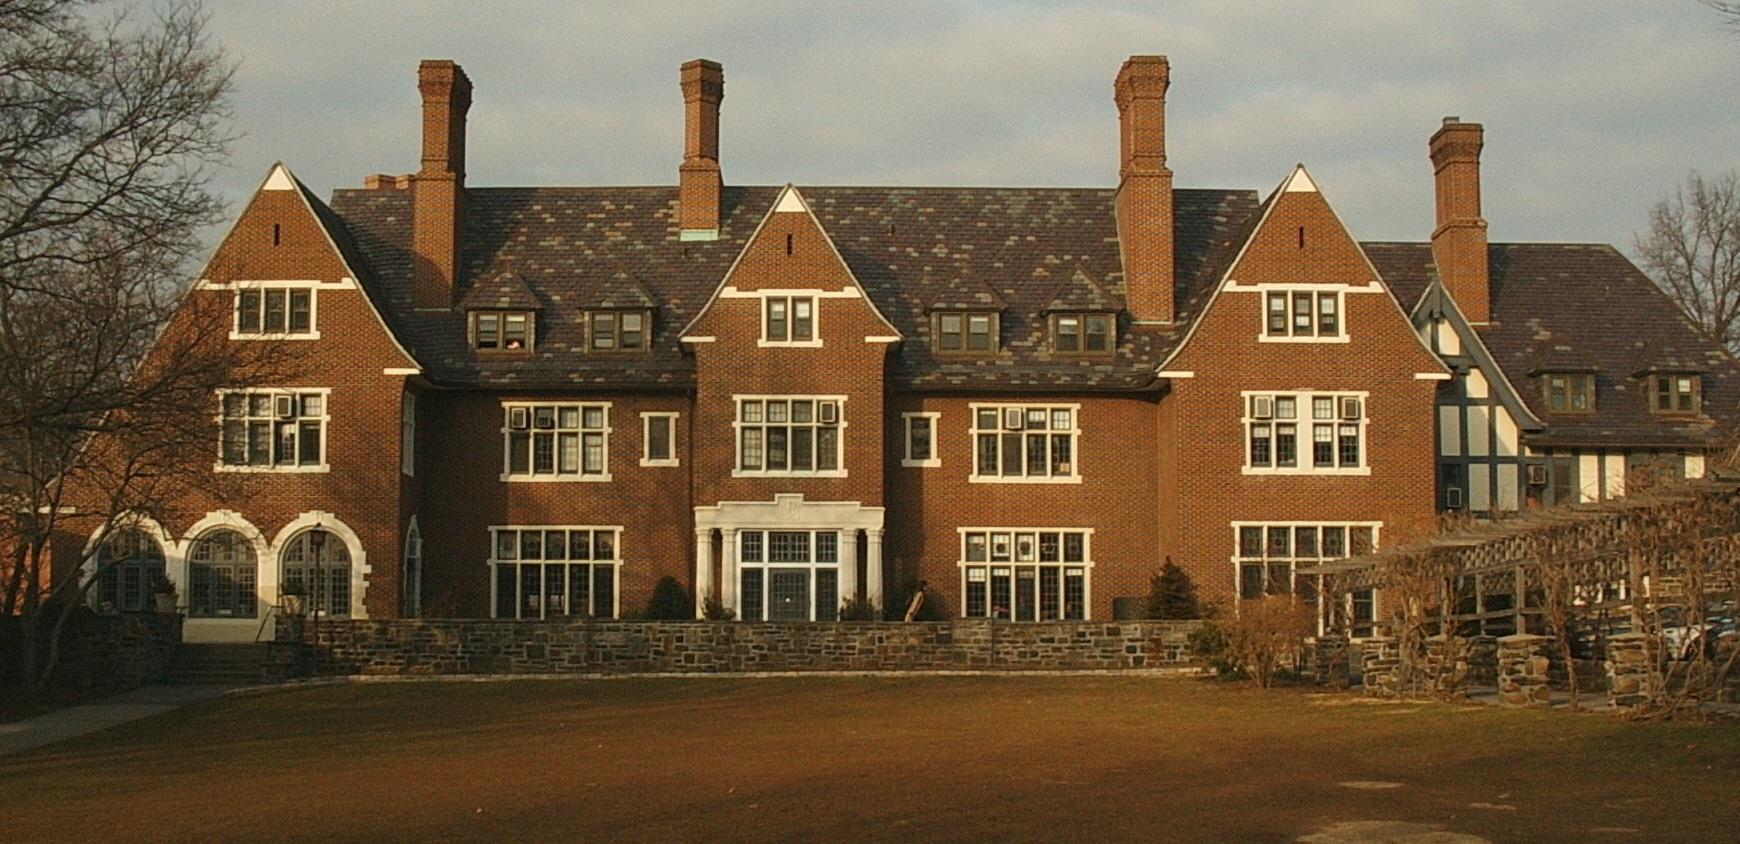 Sarah Lawrance College (EUA) - Uma licenciatura em Artes com a duração de quatro anos custa 204.784 dólares (195.962 de euros).